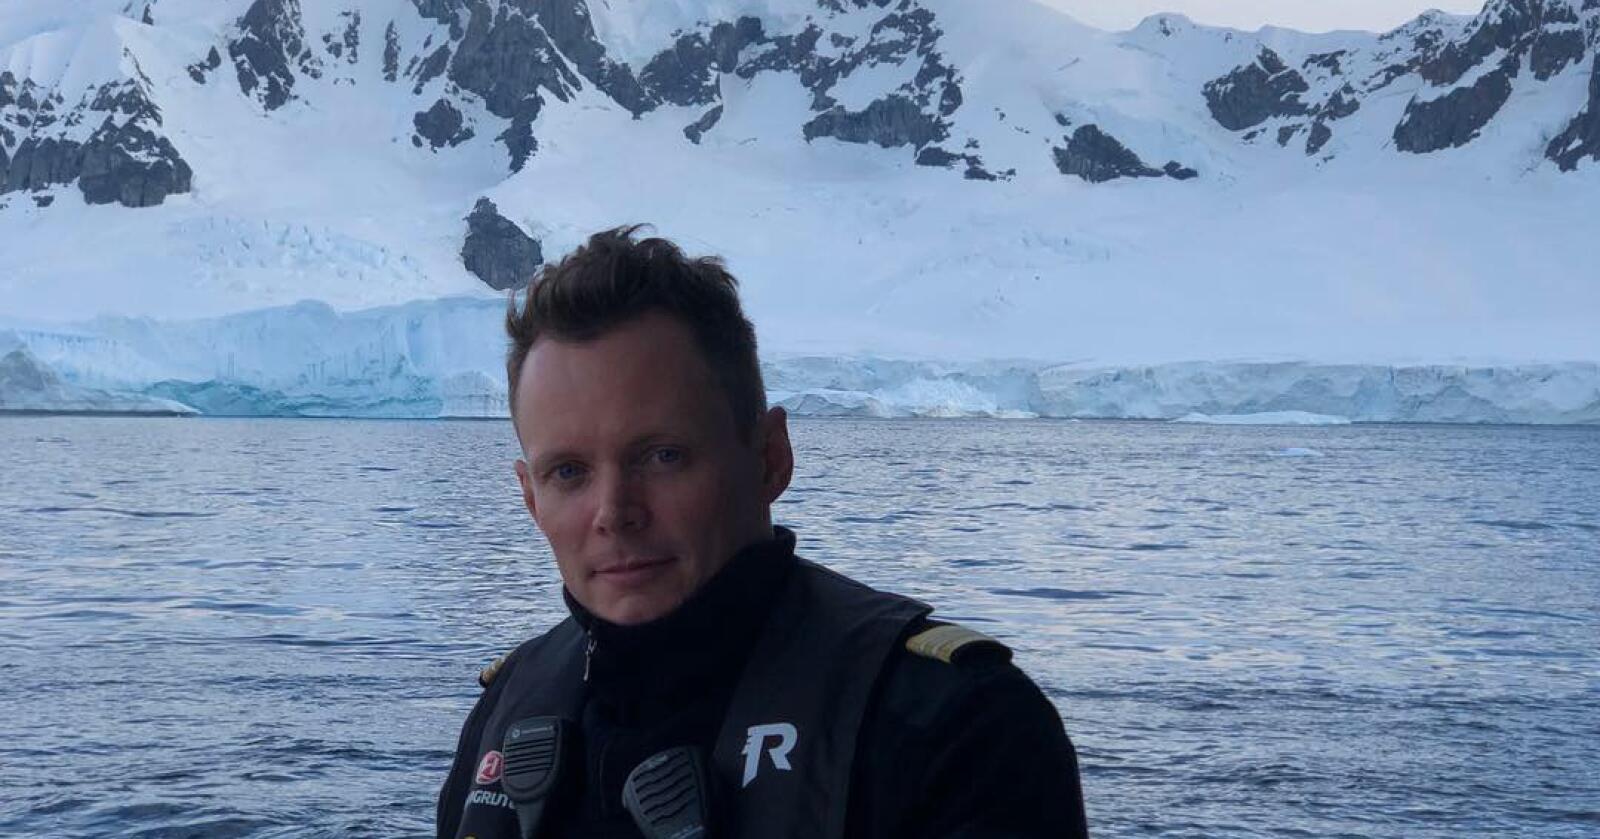 Kristian Sætrehaug sa opp jobben etter 15 år på grunn av koronahandteringa i Hurtigruten. Foto: Privat